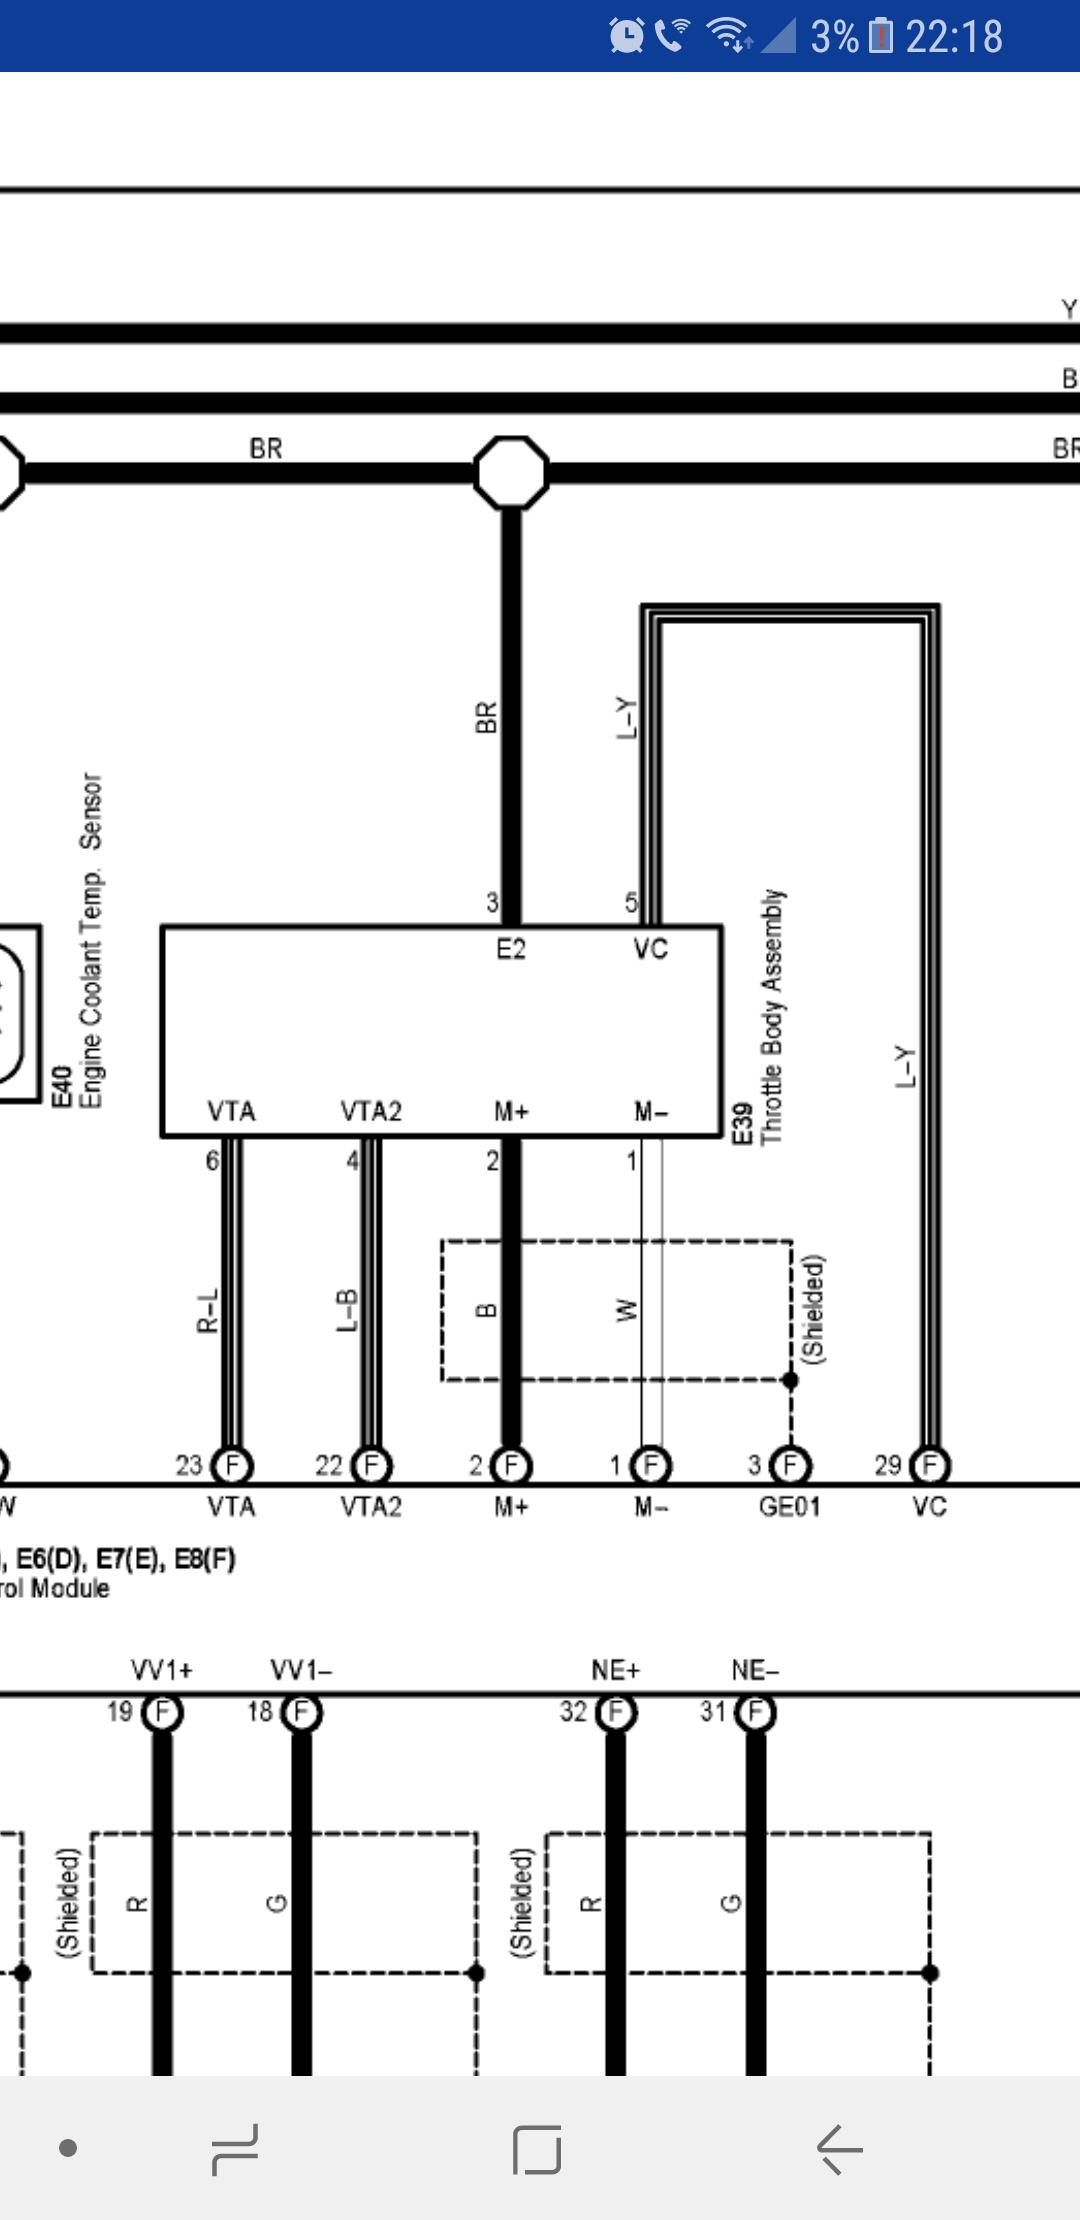 WRG-5624] 1uzfe Vvti Wiring Diagrammadisonstore-dacx070816.mx.tl